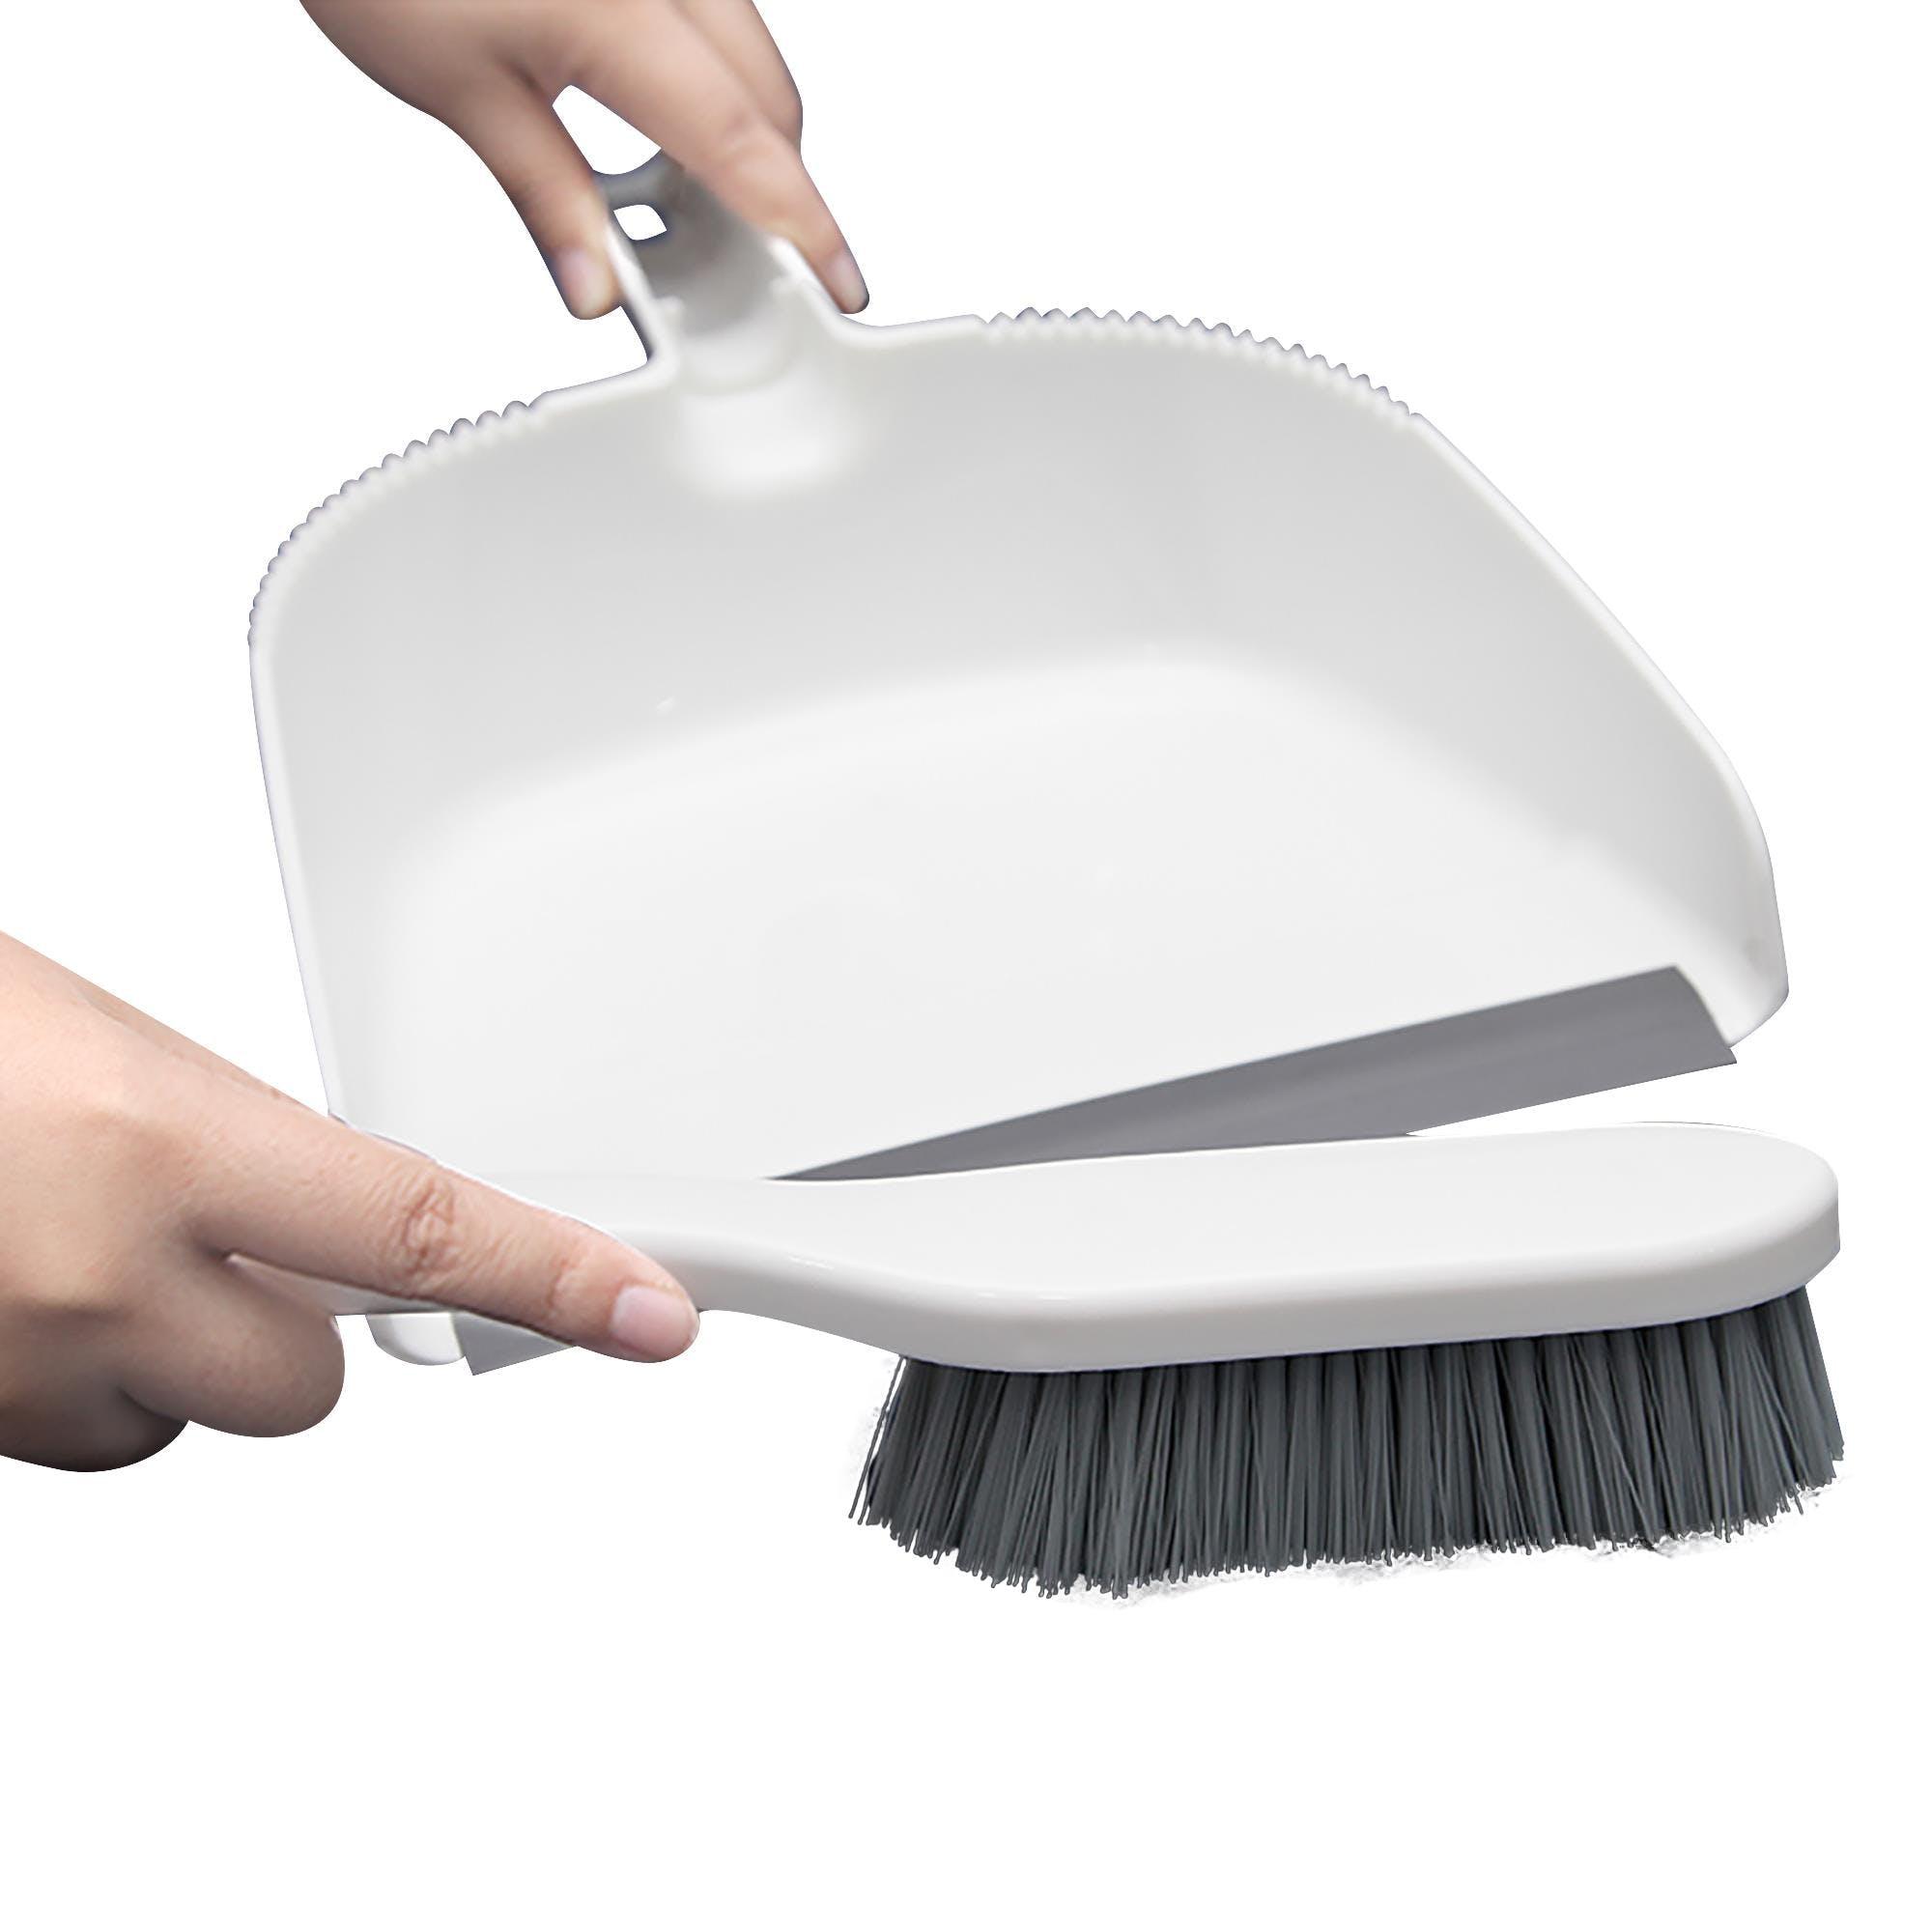 Handfeger und Kehrblech Kunststoff 2-teiliges Kehr-Set grau